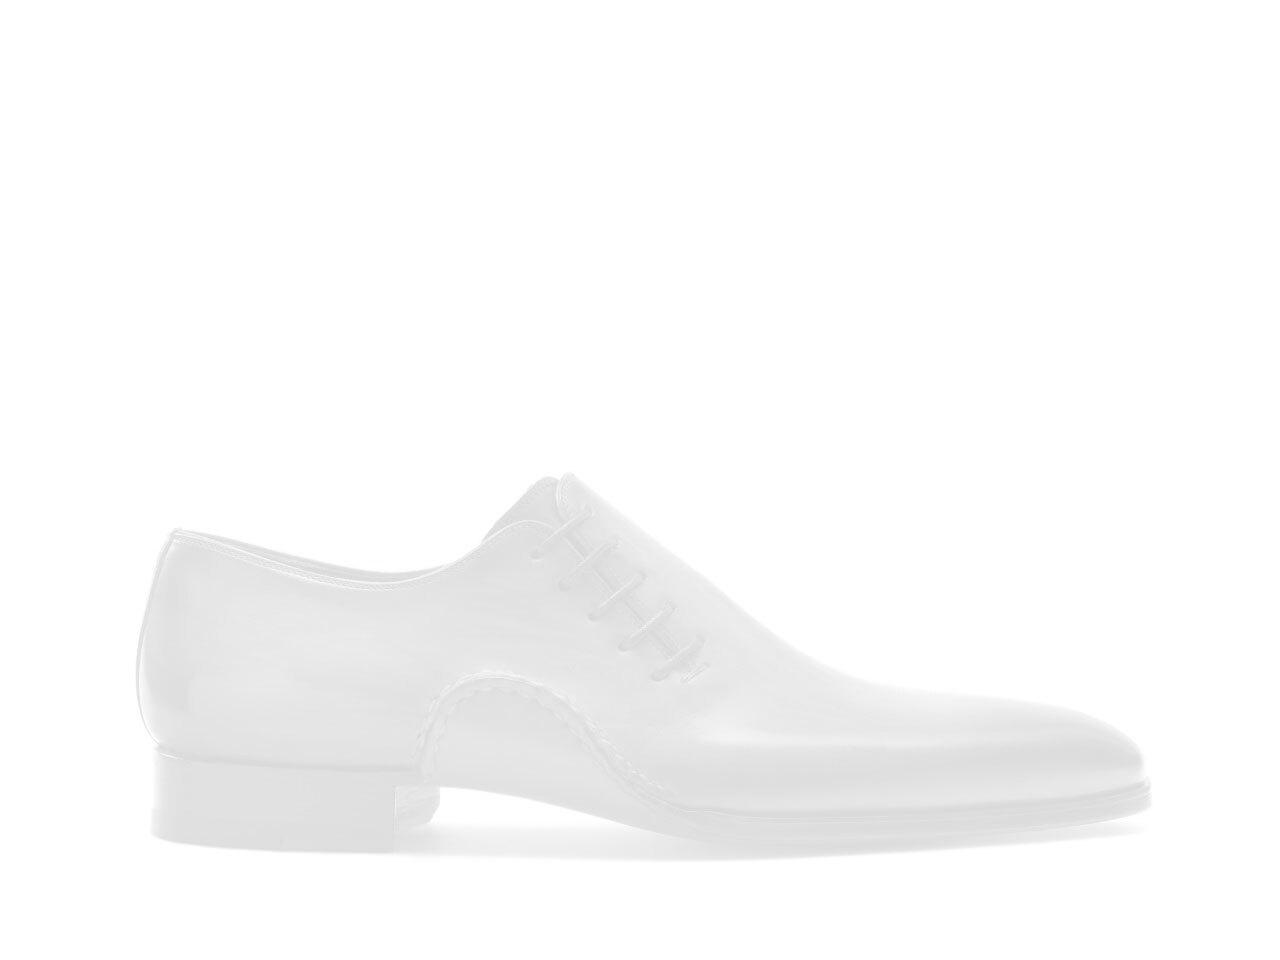 Royal blue double monk strap shoes for men - Magnanni